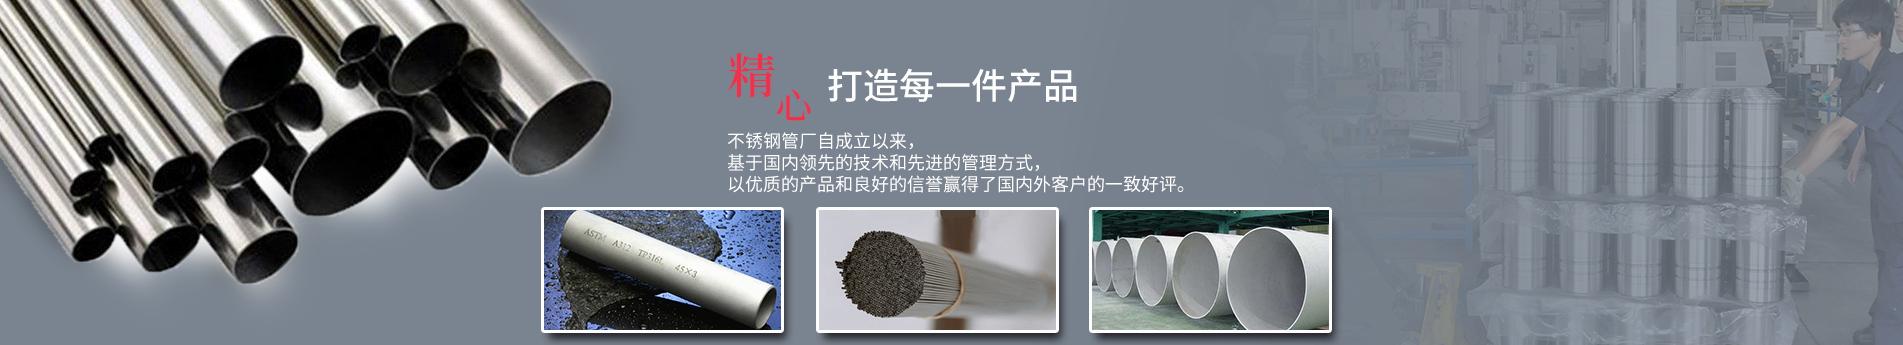 321不锈钢管厂家坐落于浙江温州常年备5000吨304卫生级无缝管,316L不锈钢换热管,2520不锈钢管,2507双相不锈钢管,精密管等。